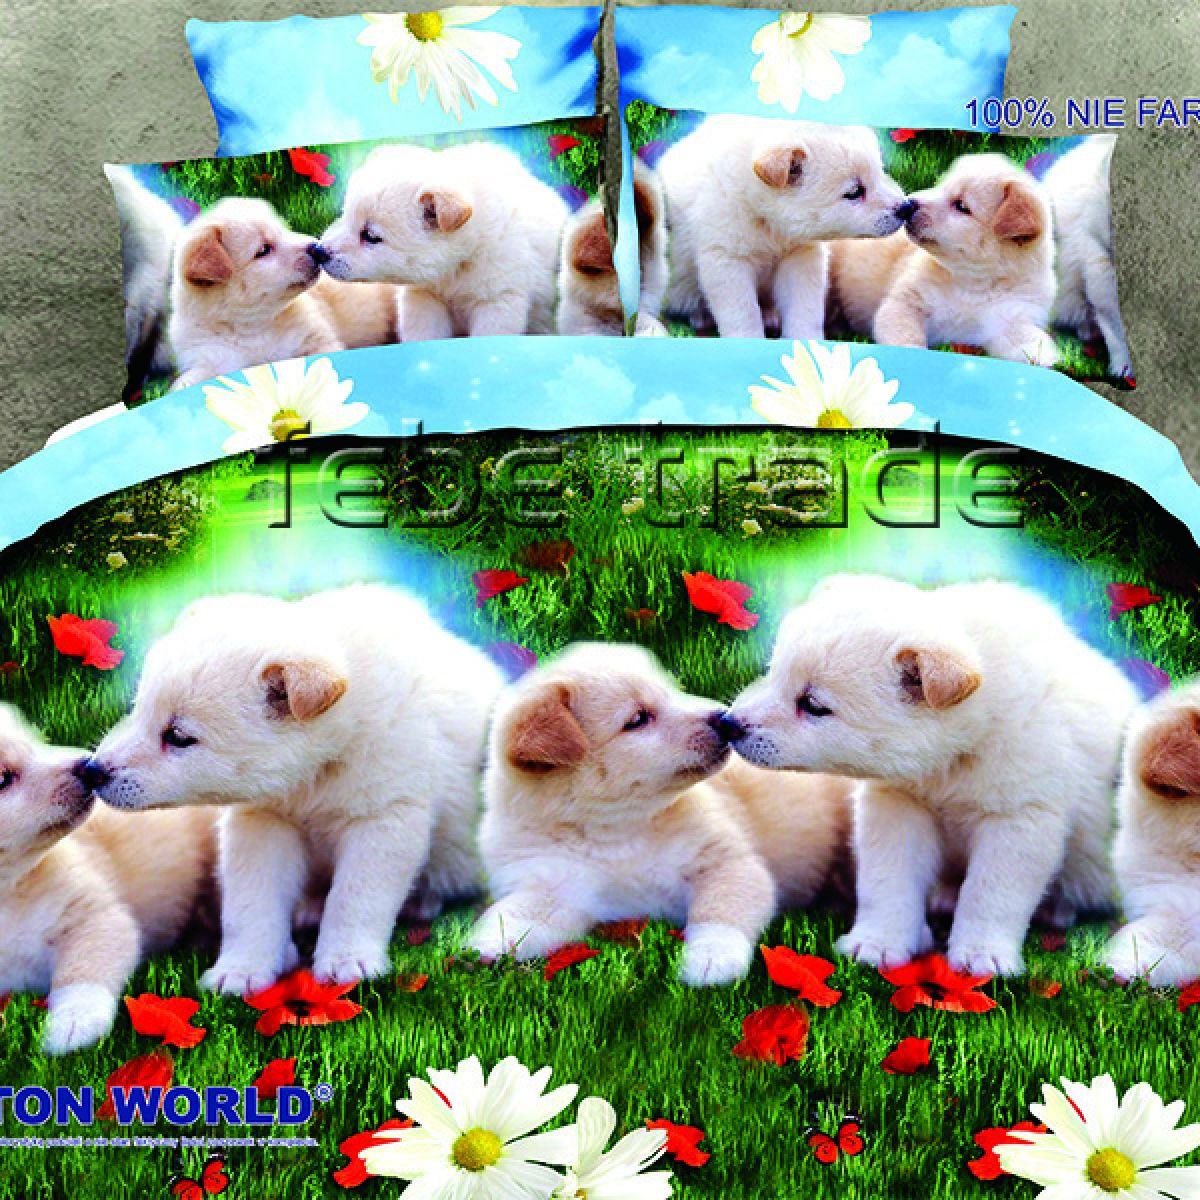 3D Beddings - Cotton World - FSC-280 - 160x200 cm - 4 pcs